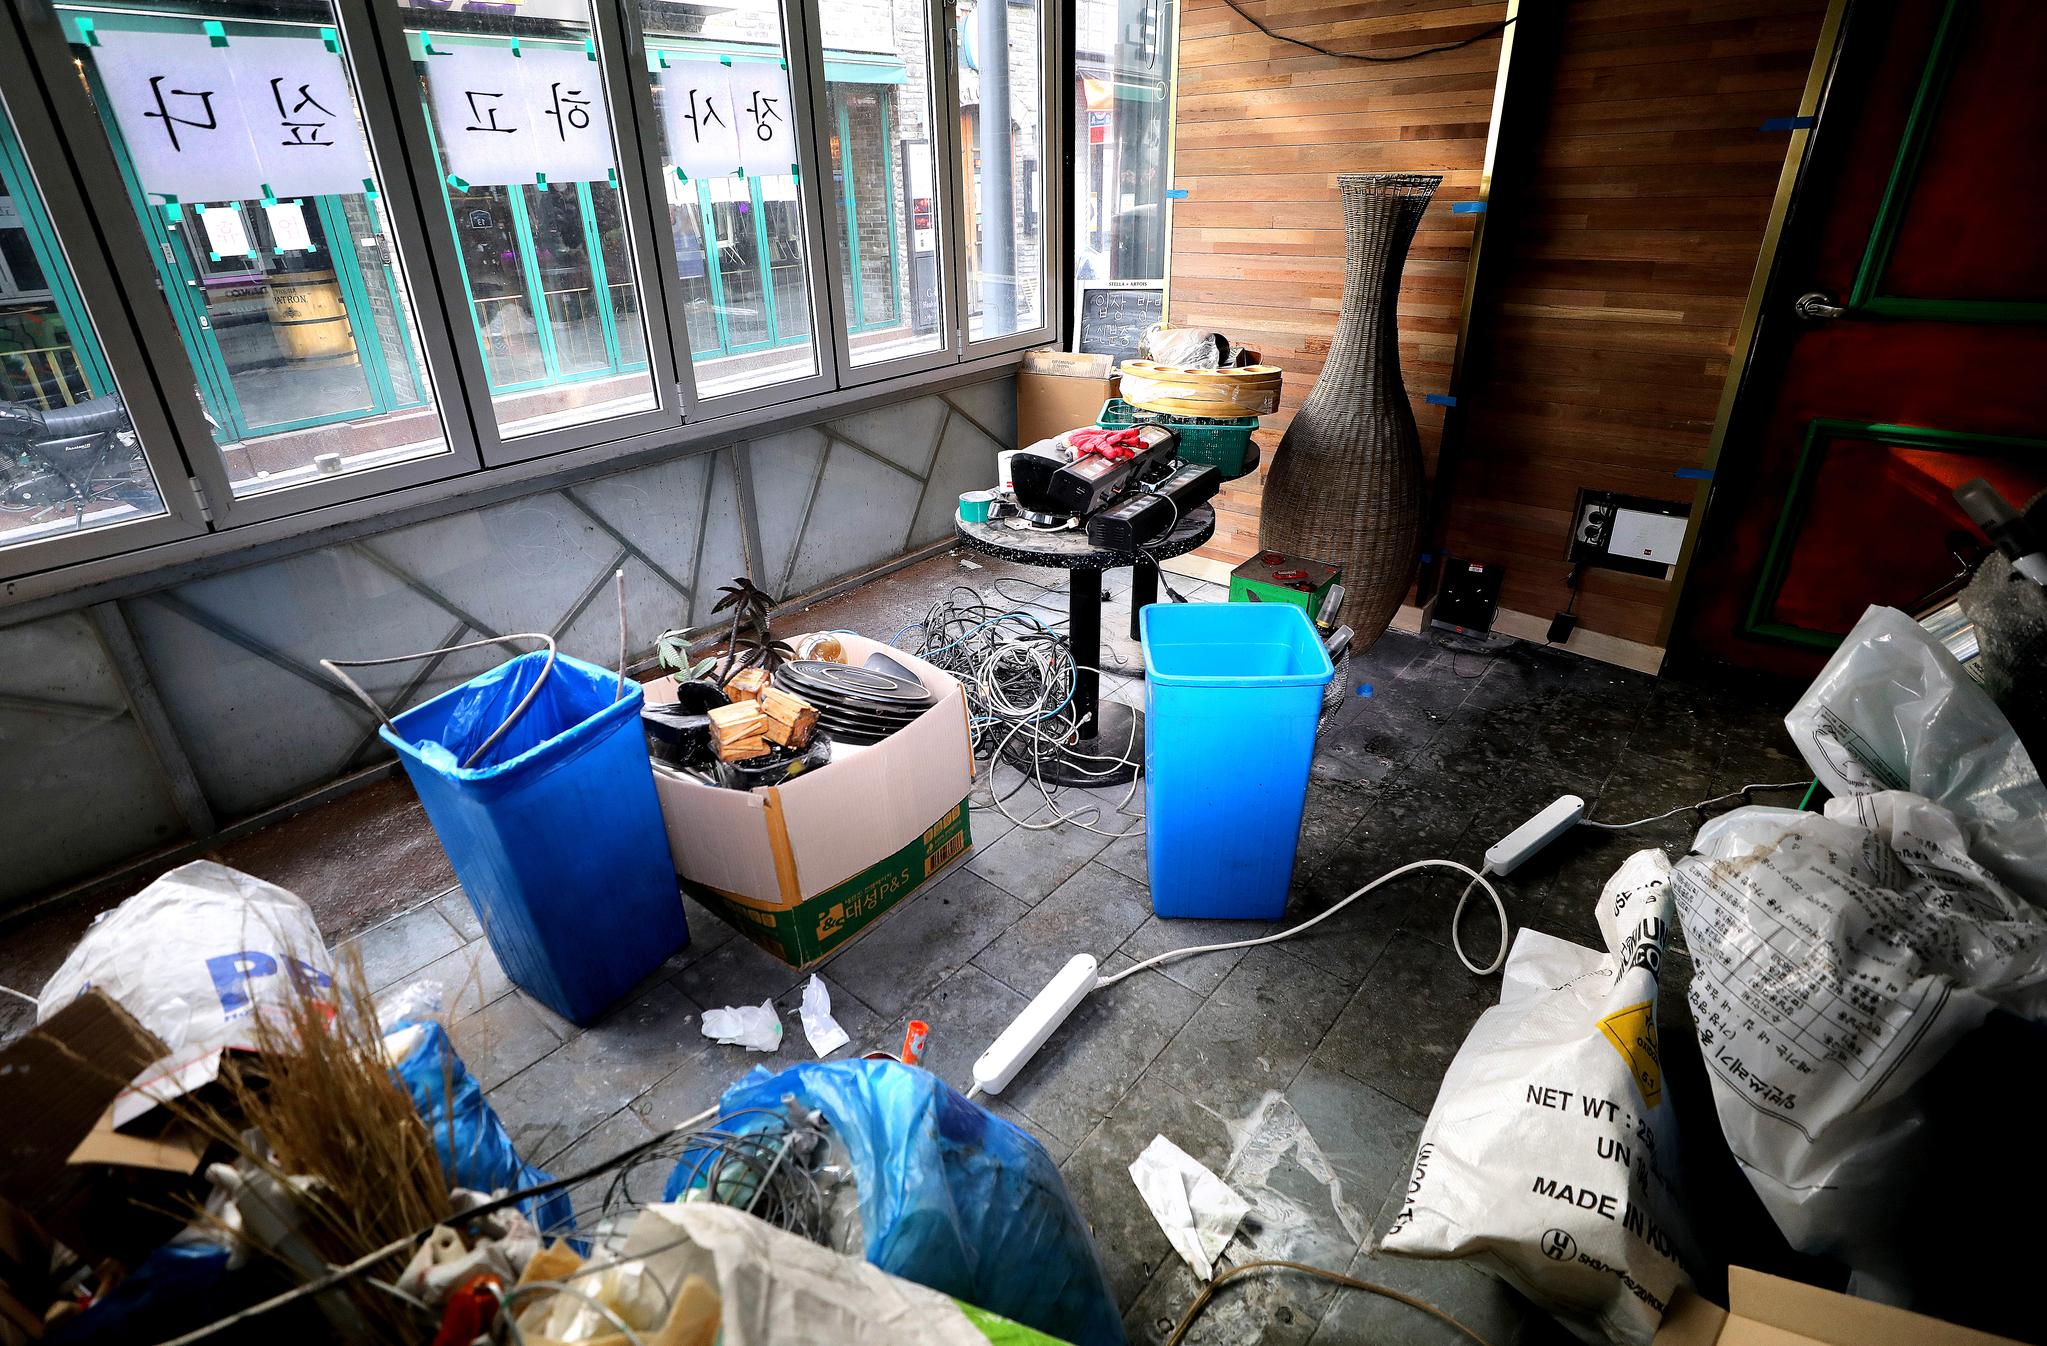 14일 코로나19 타격으로 사실상 폐업절차를 밟고 있는 서울 이태원 가게에 '장사하고 싶다' 가 붙어 있다.뉴스1